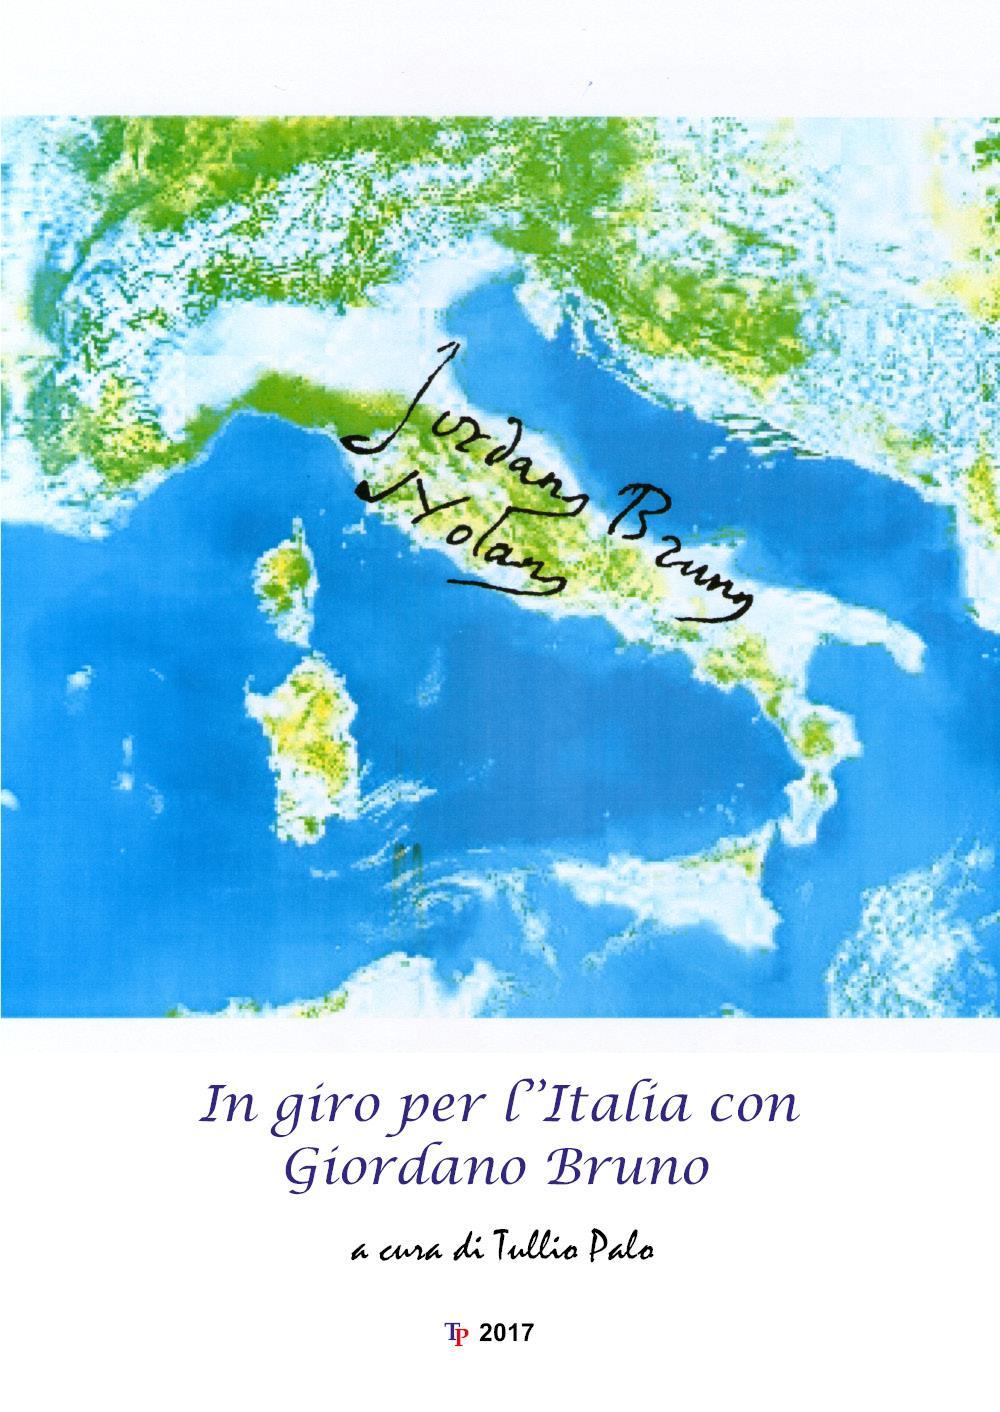 In giro per l'Italia con Giordano Bruno